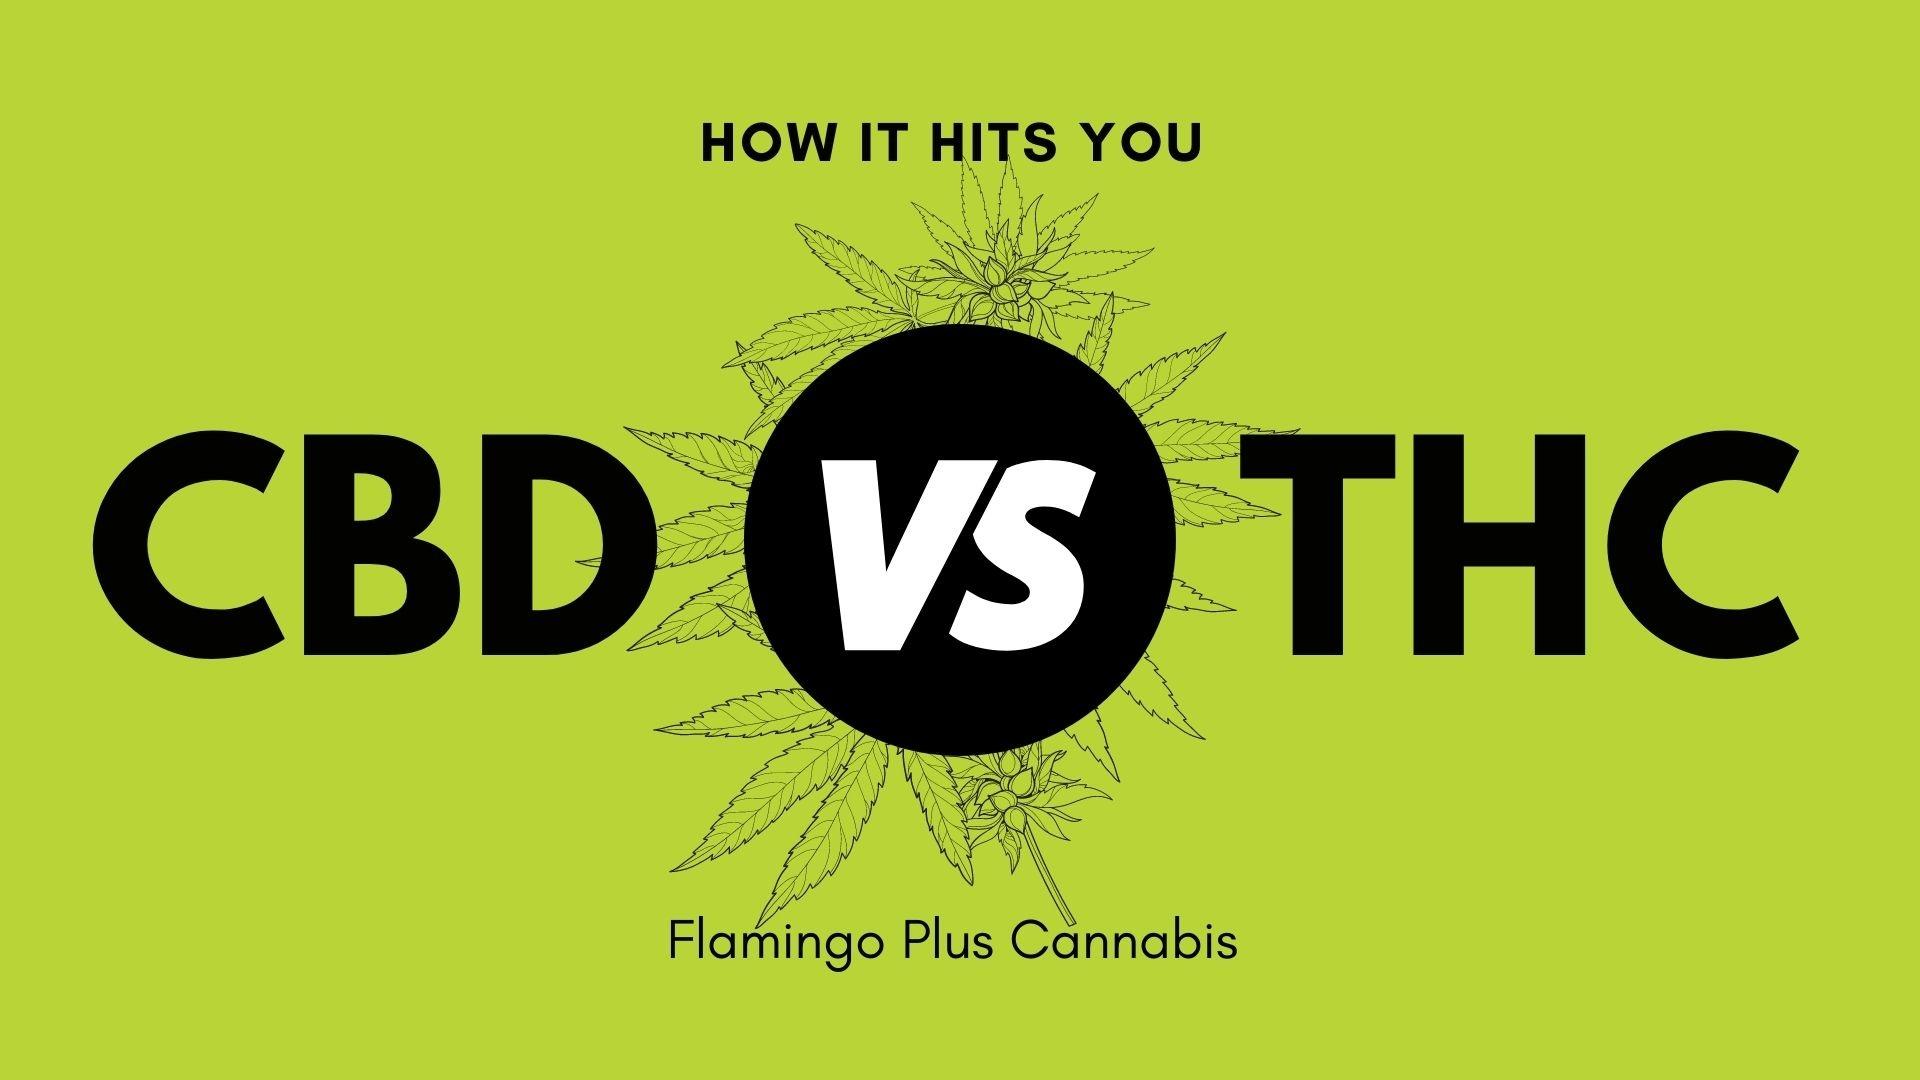 CBD vs THC. How it hits you.